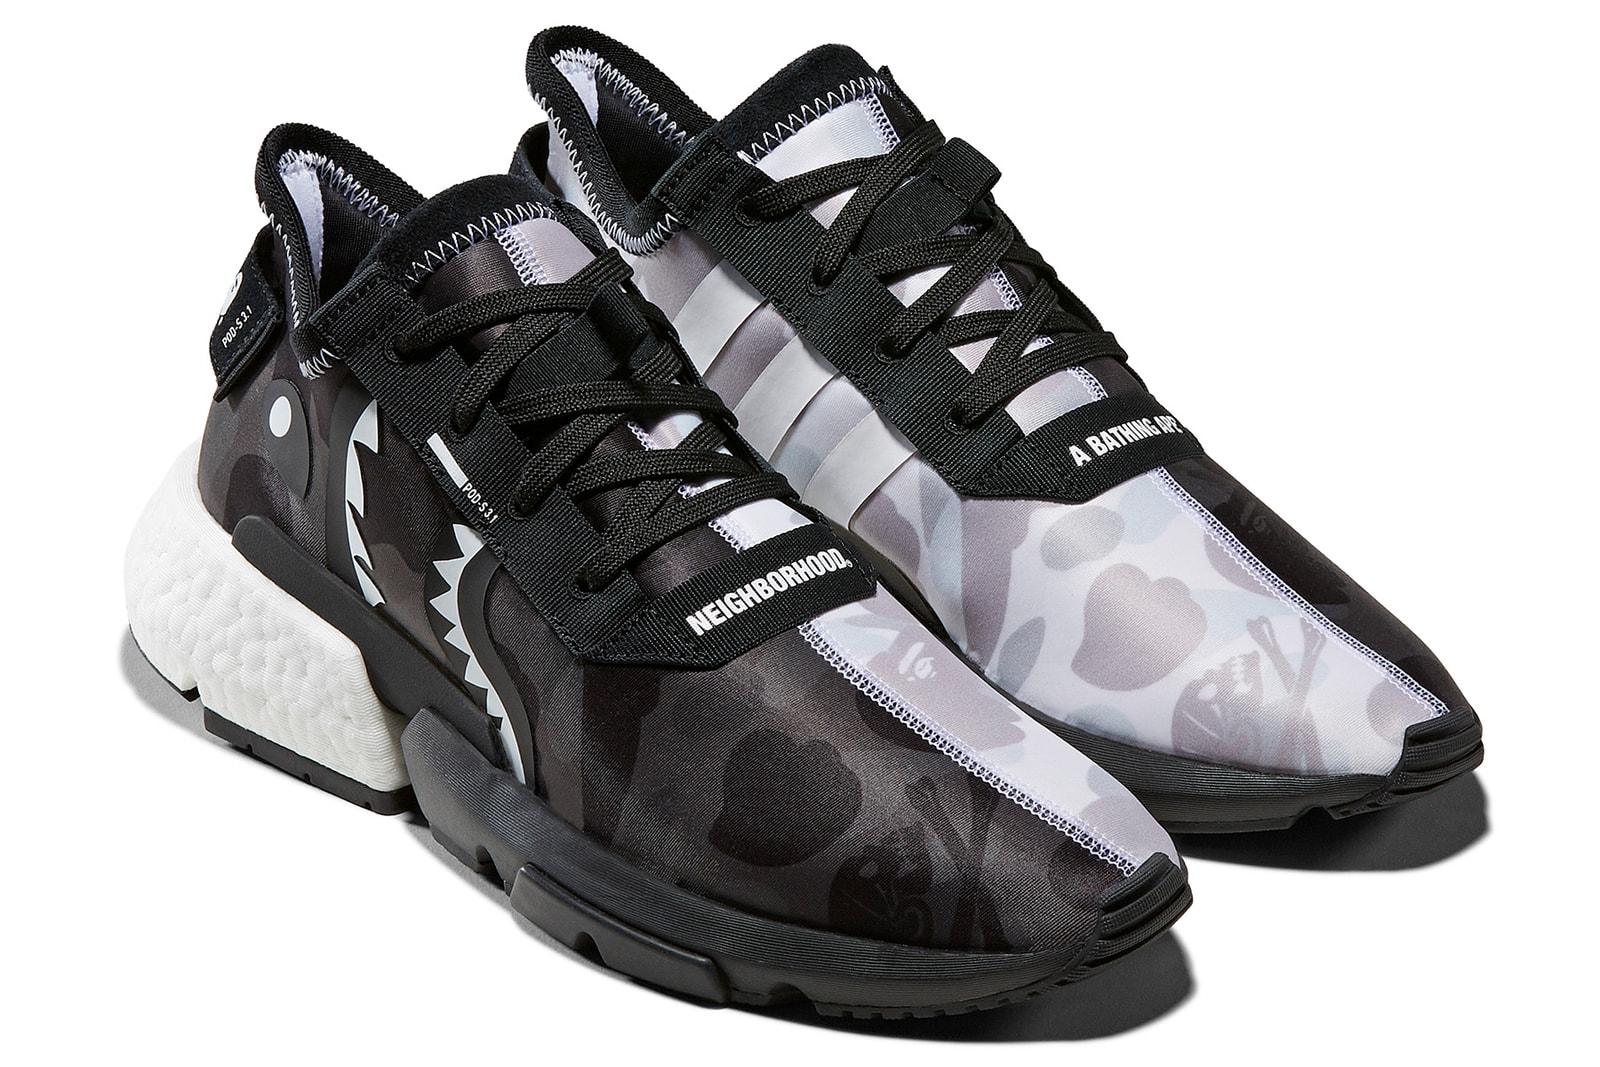 アディダス オリジナルス ア ベイシング エイプ ネイバーフッド コラボ モデル 発売 adidas Originals by A BATHING APE®  NEIGHBORHOOD nmd pod 3.1